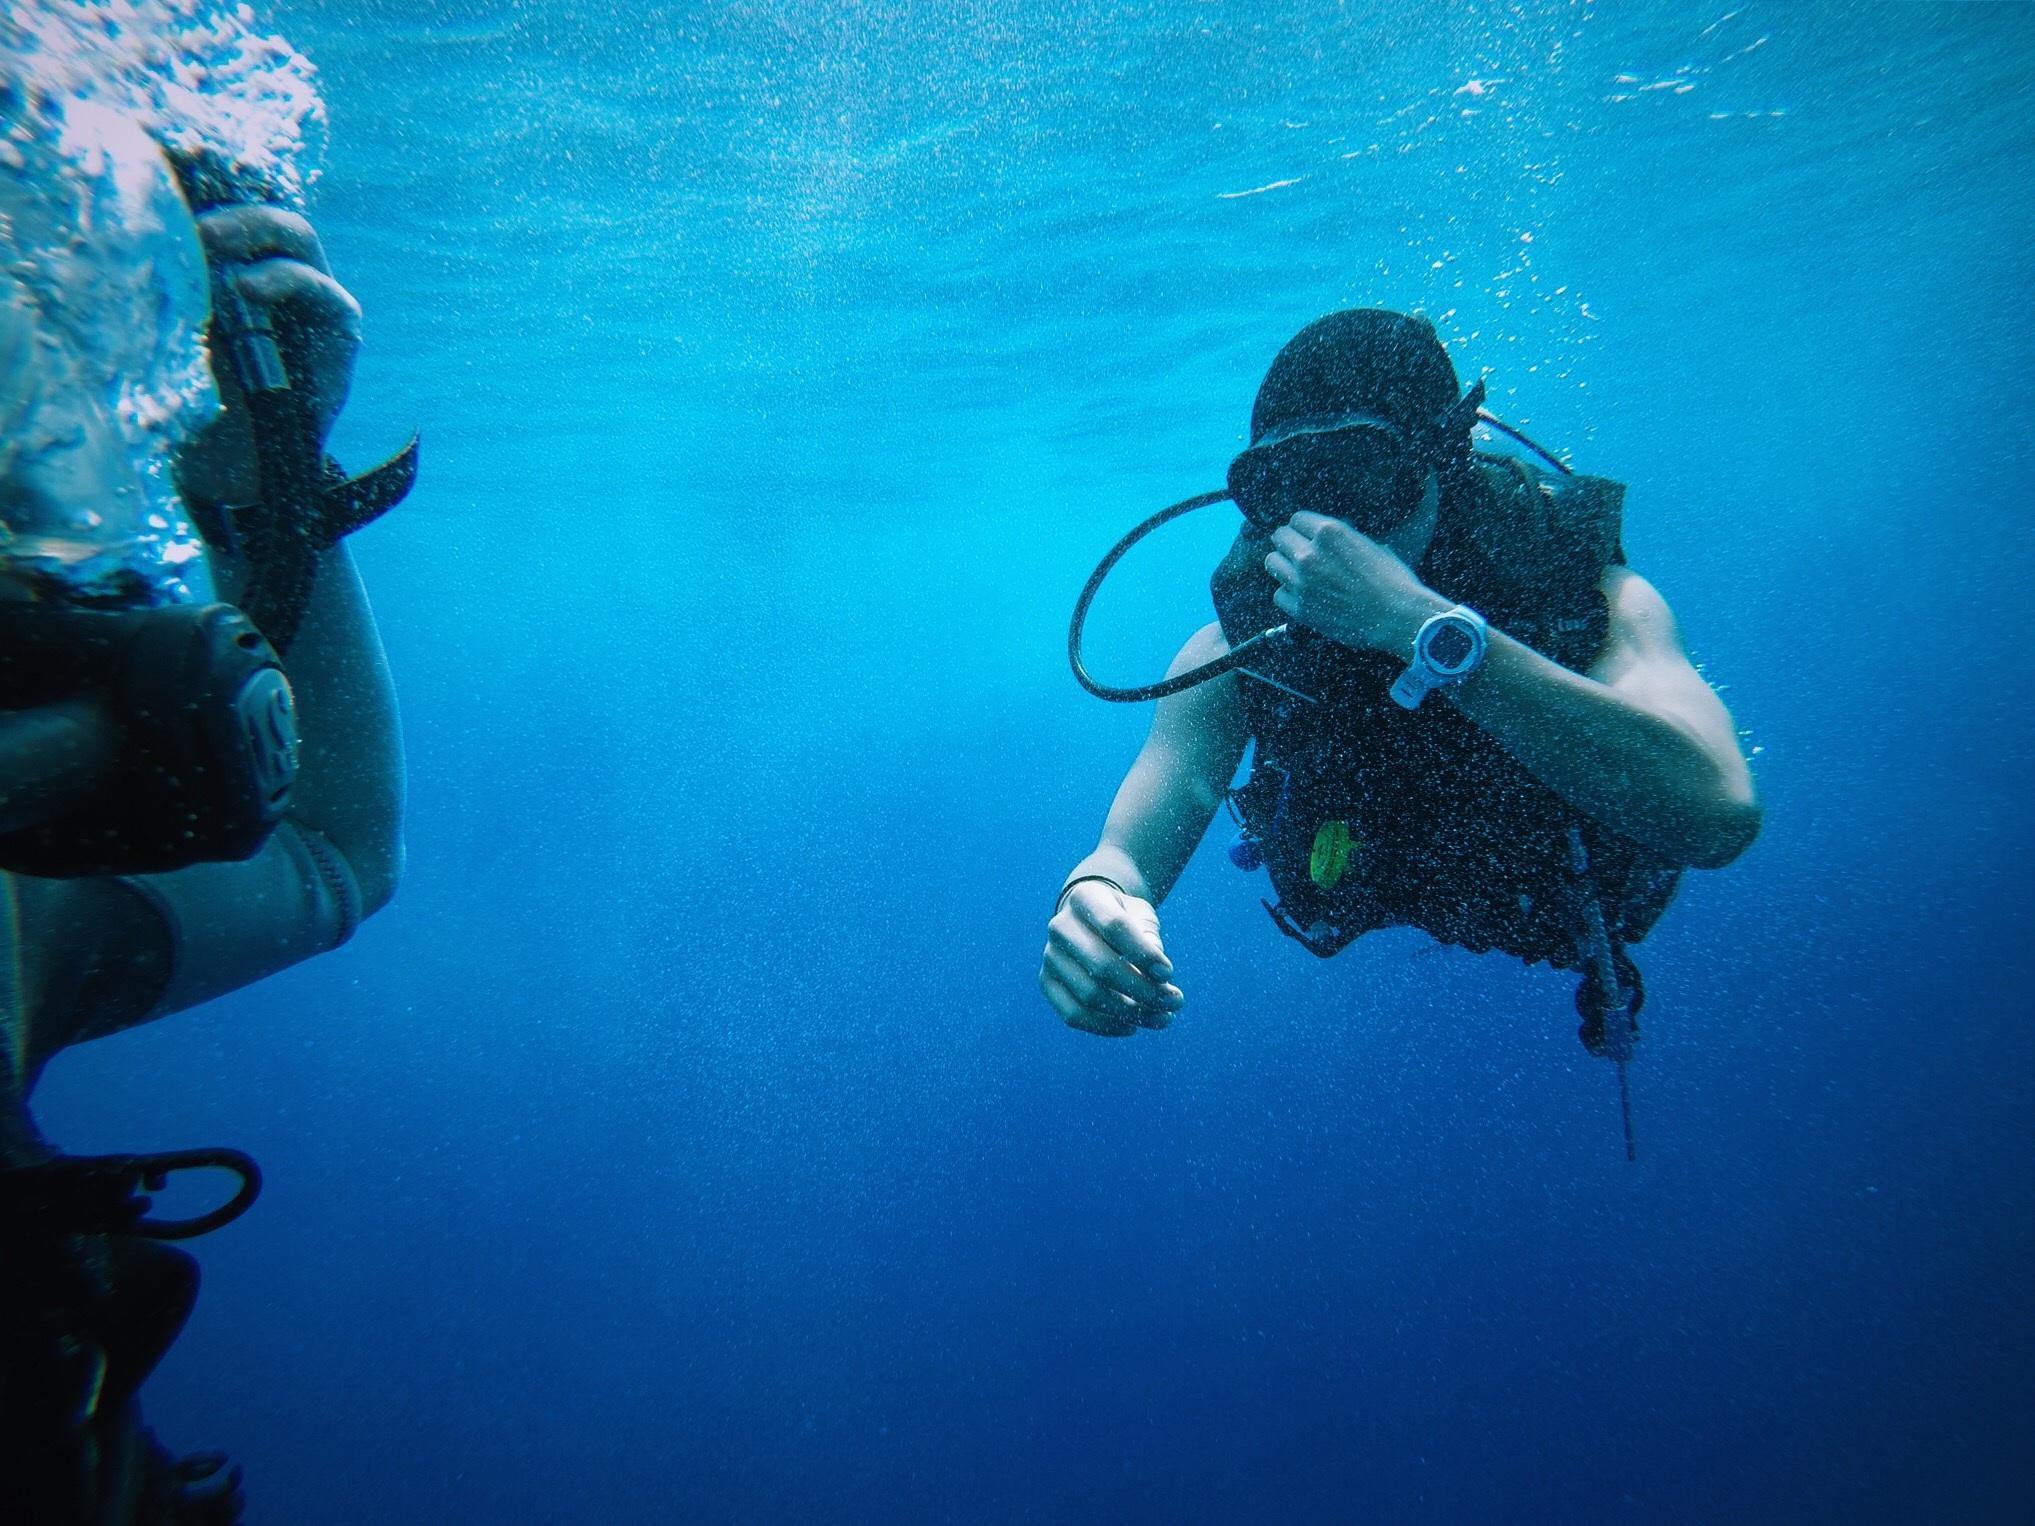 подводные фотографии водолазов ценность представляют золото